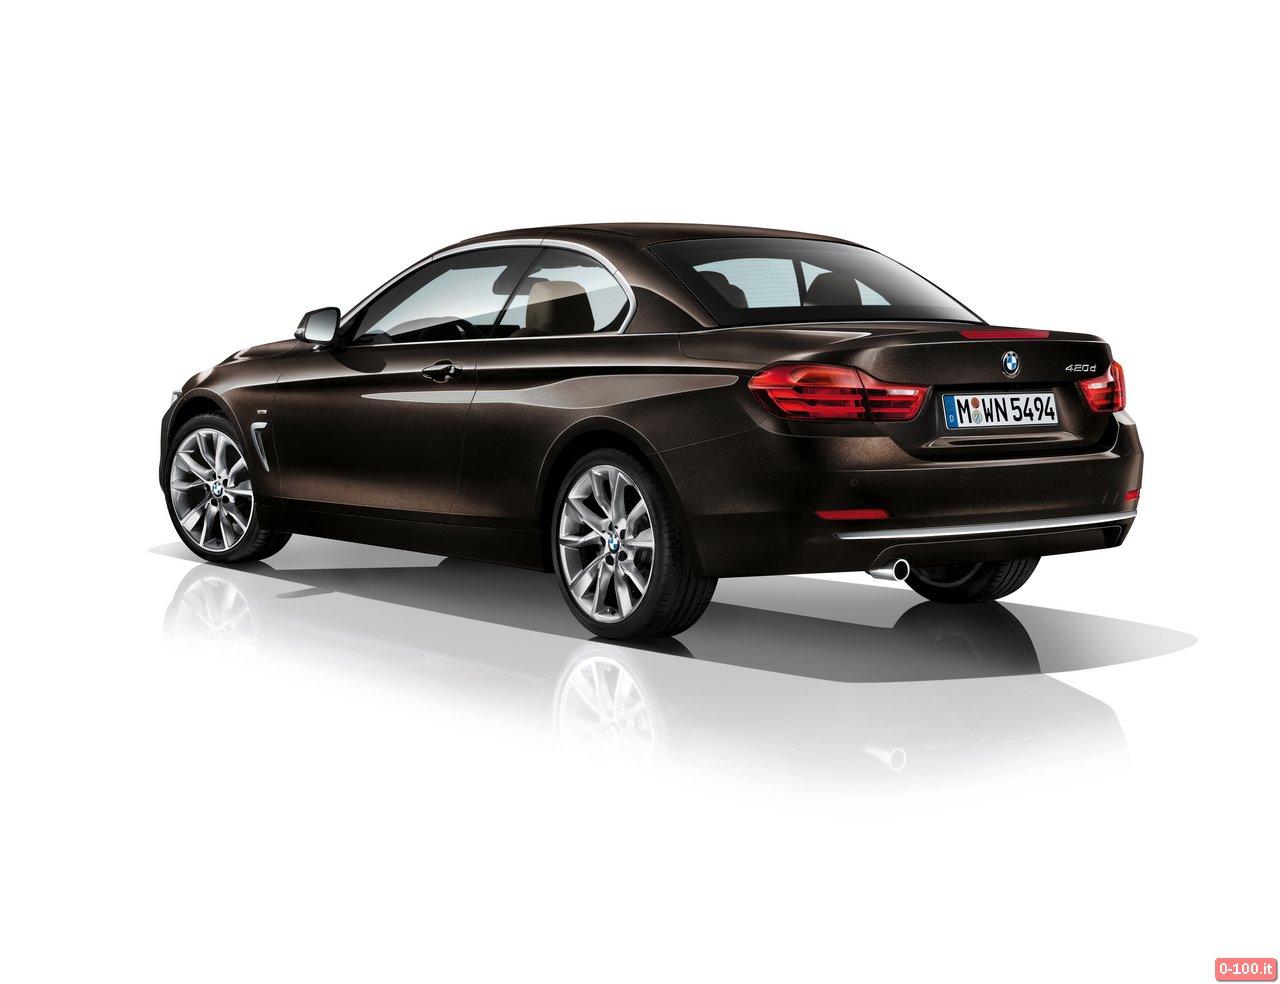 BMW-serie-4-cabrio-420d-428i-435i-cabrio_93